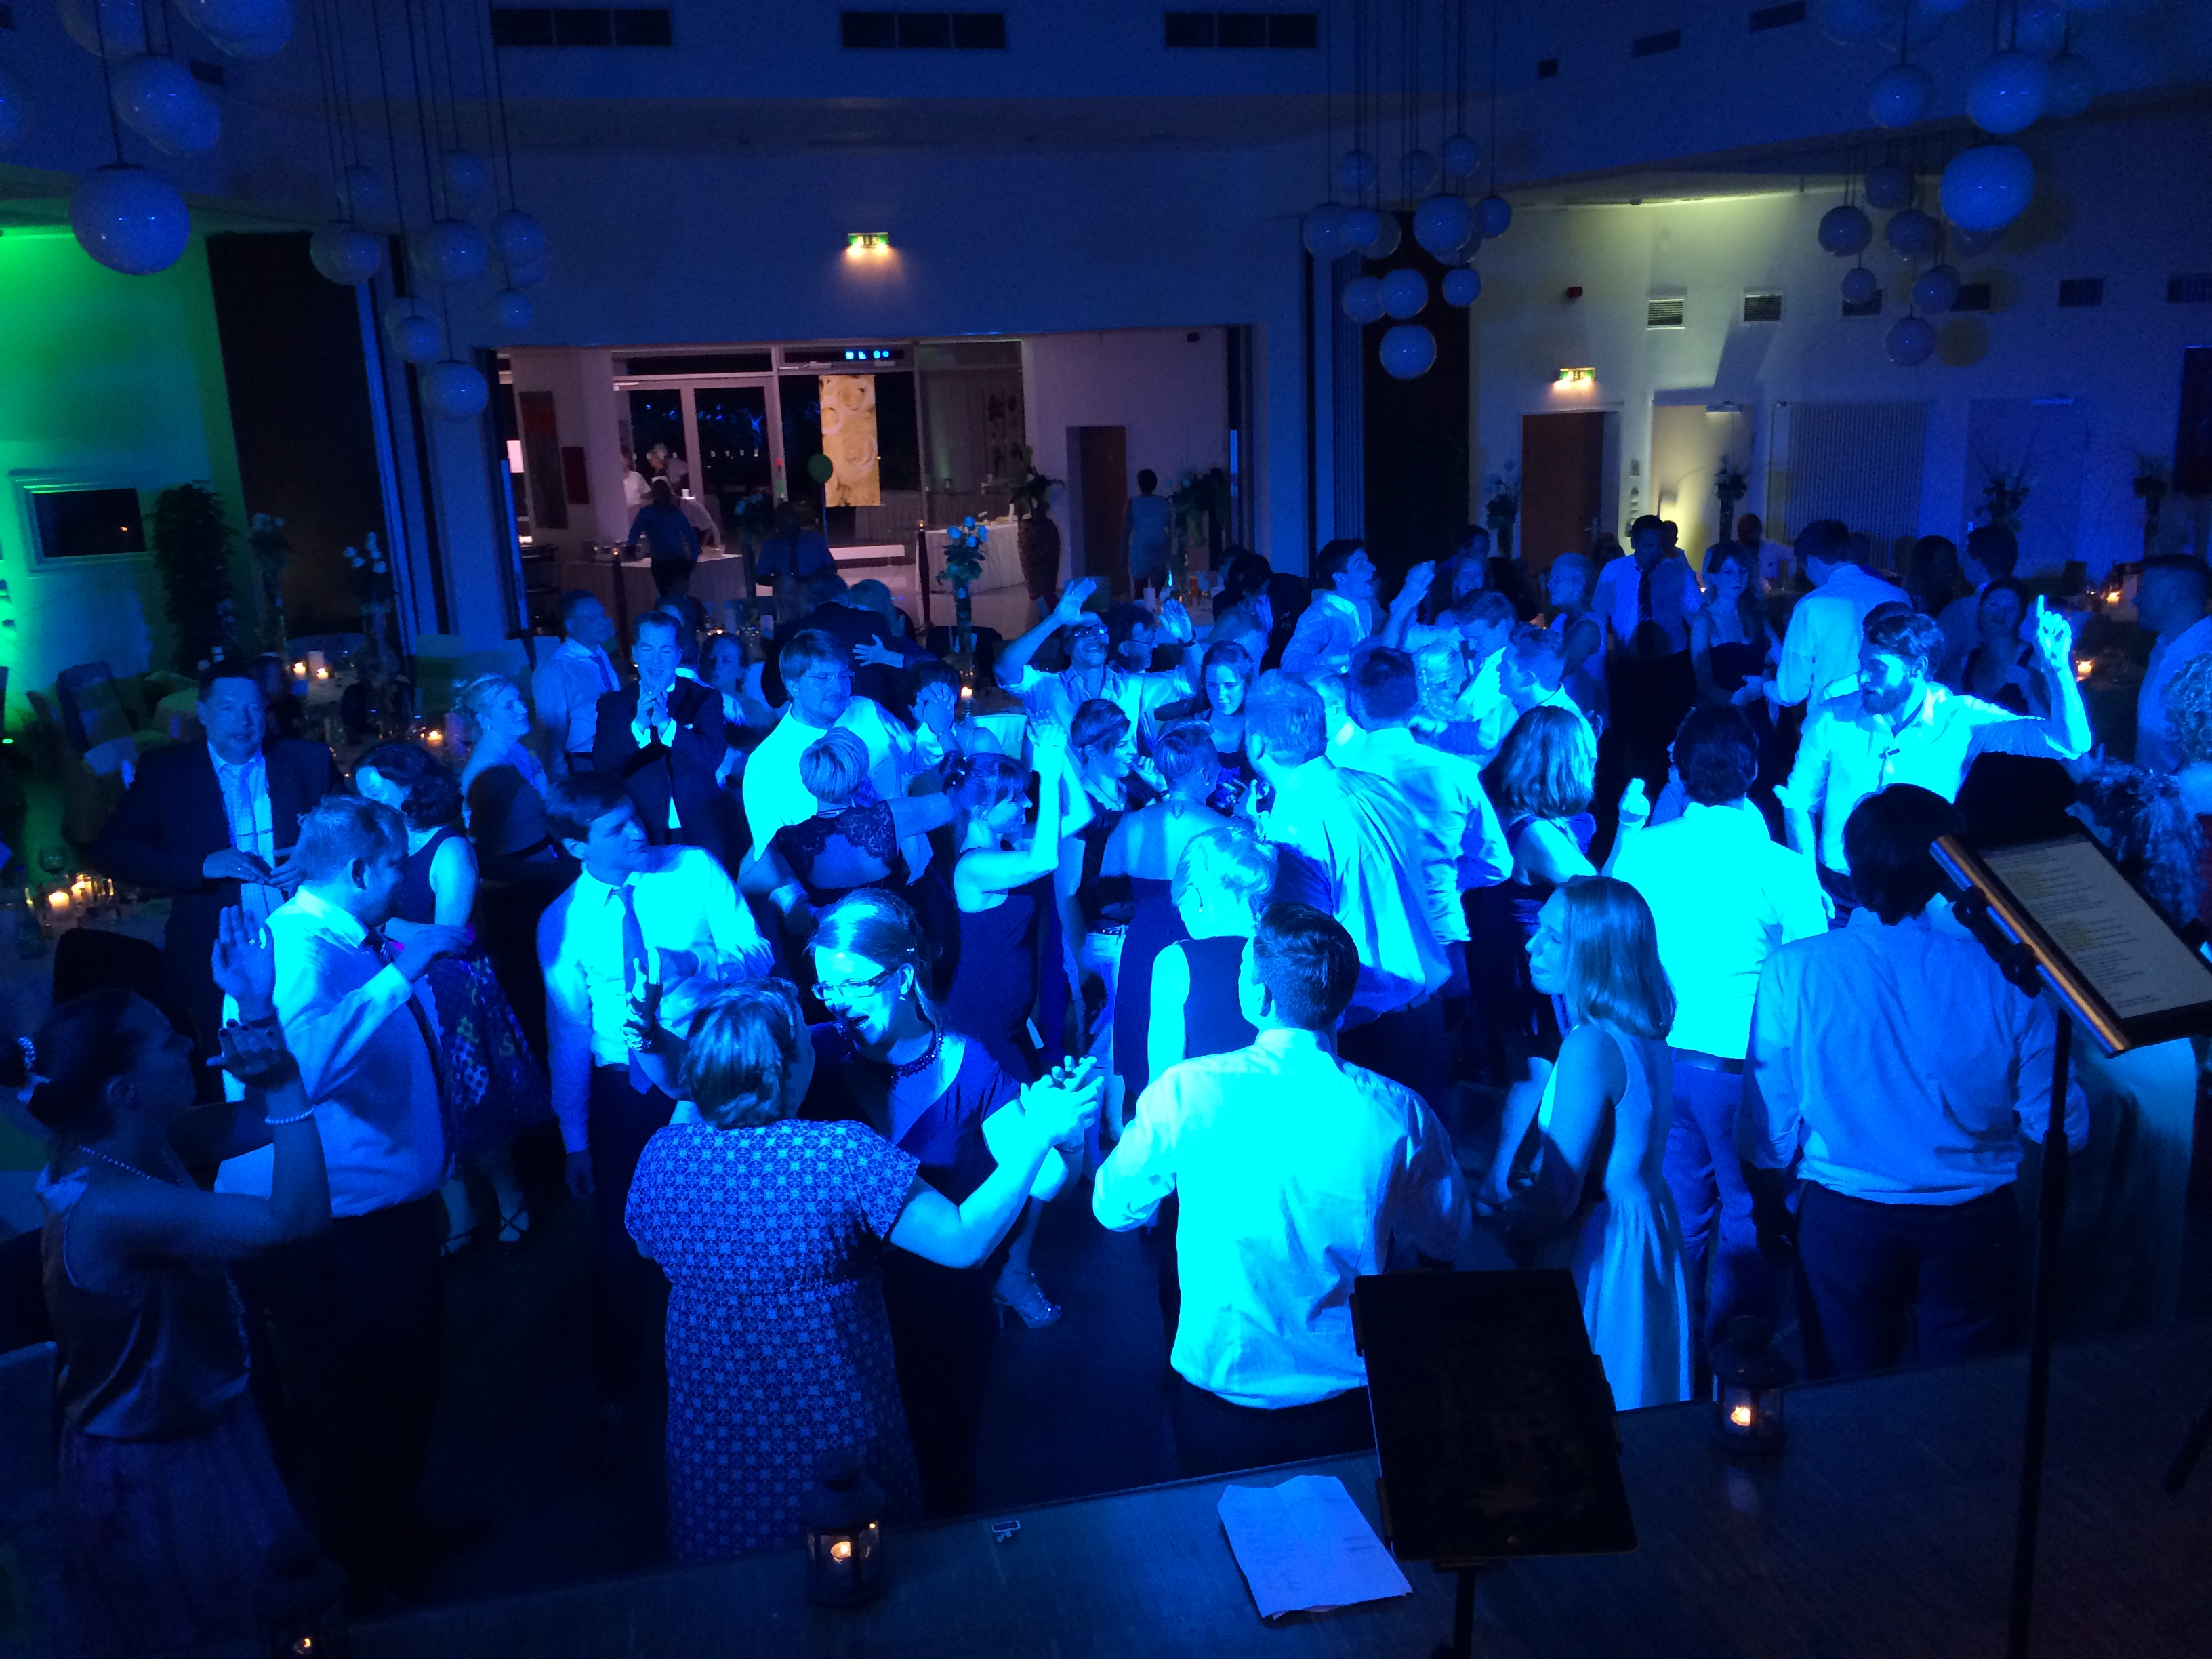 Partyband Delcious Köln rockt die Bude